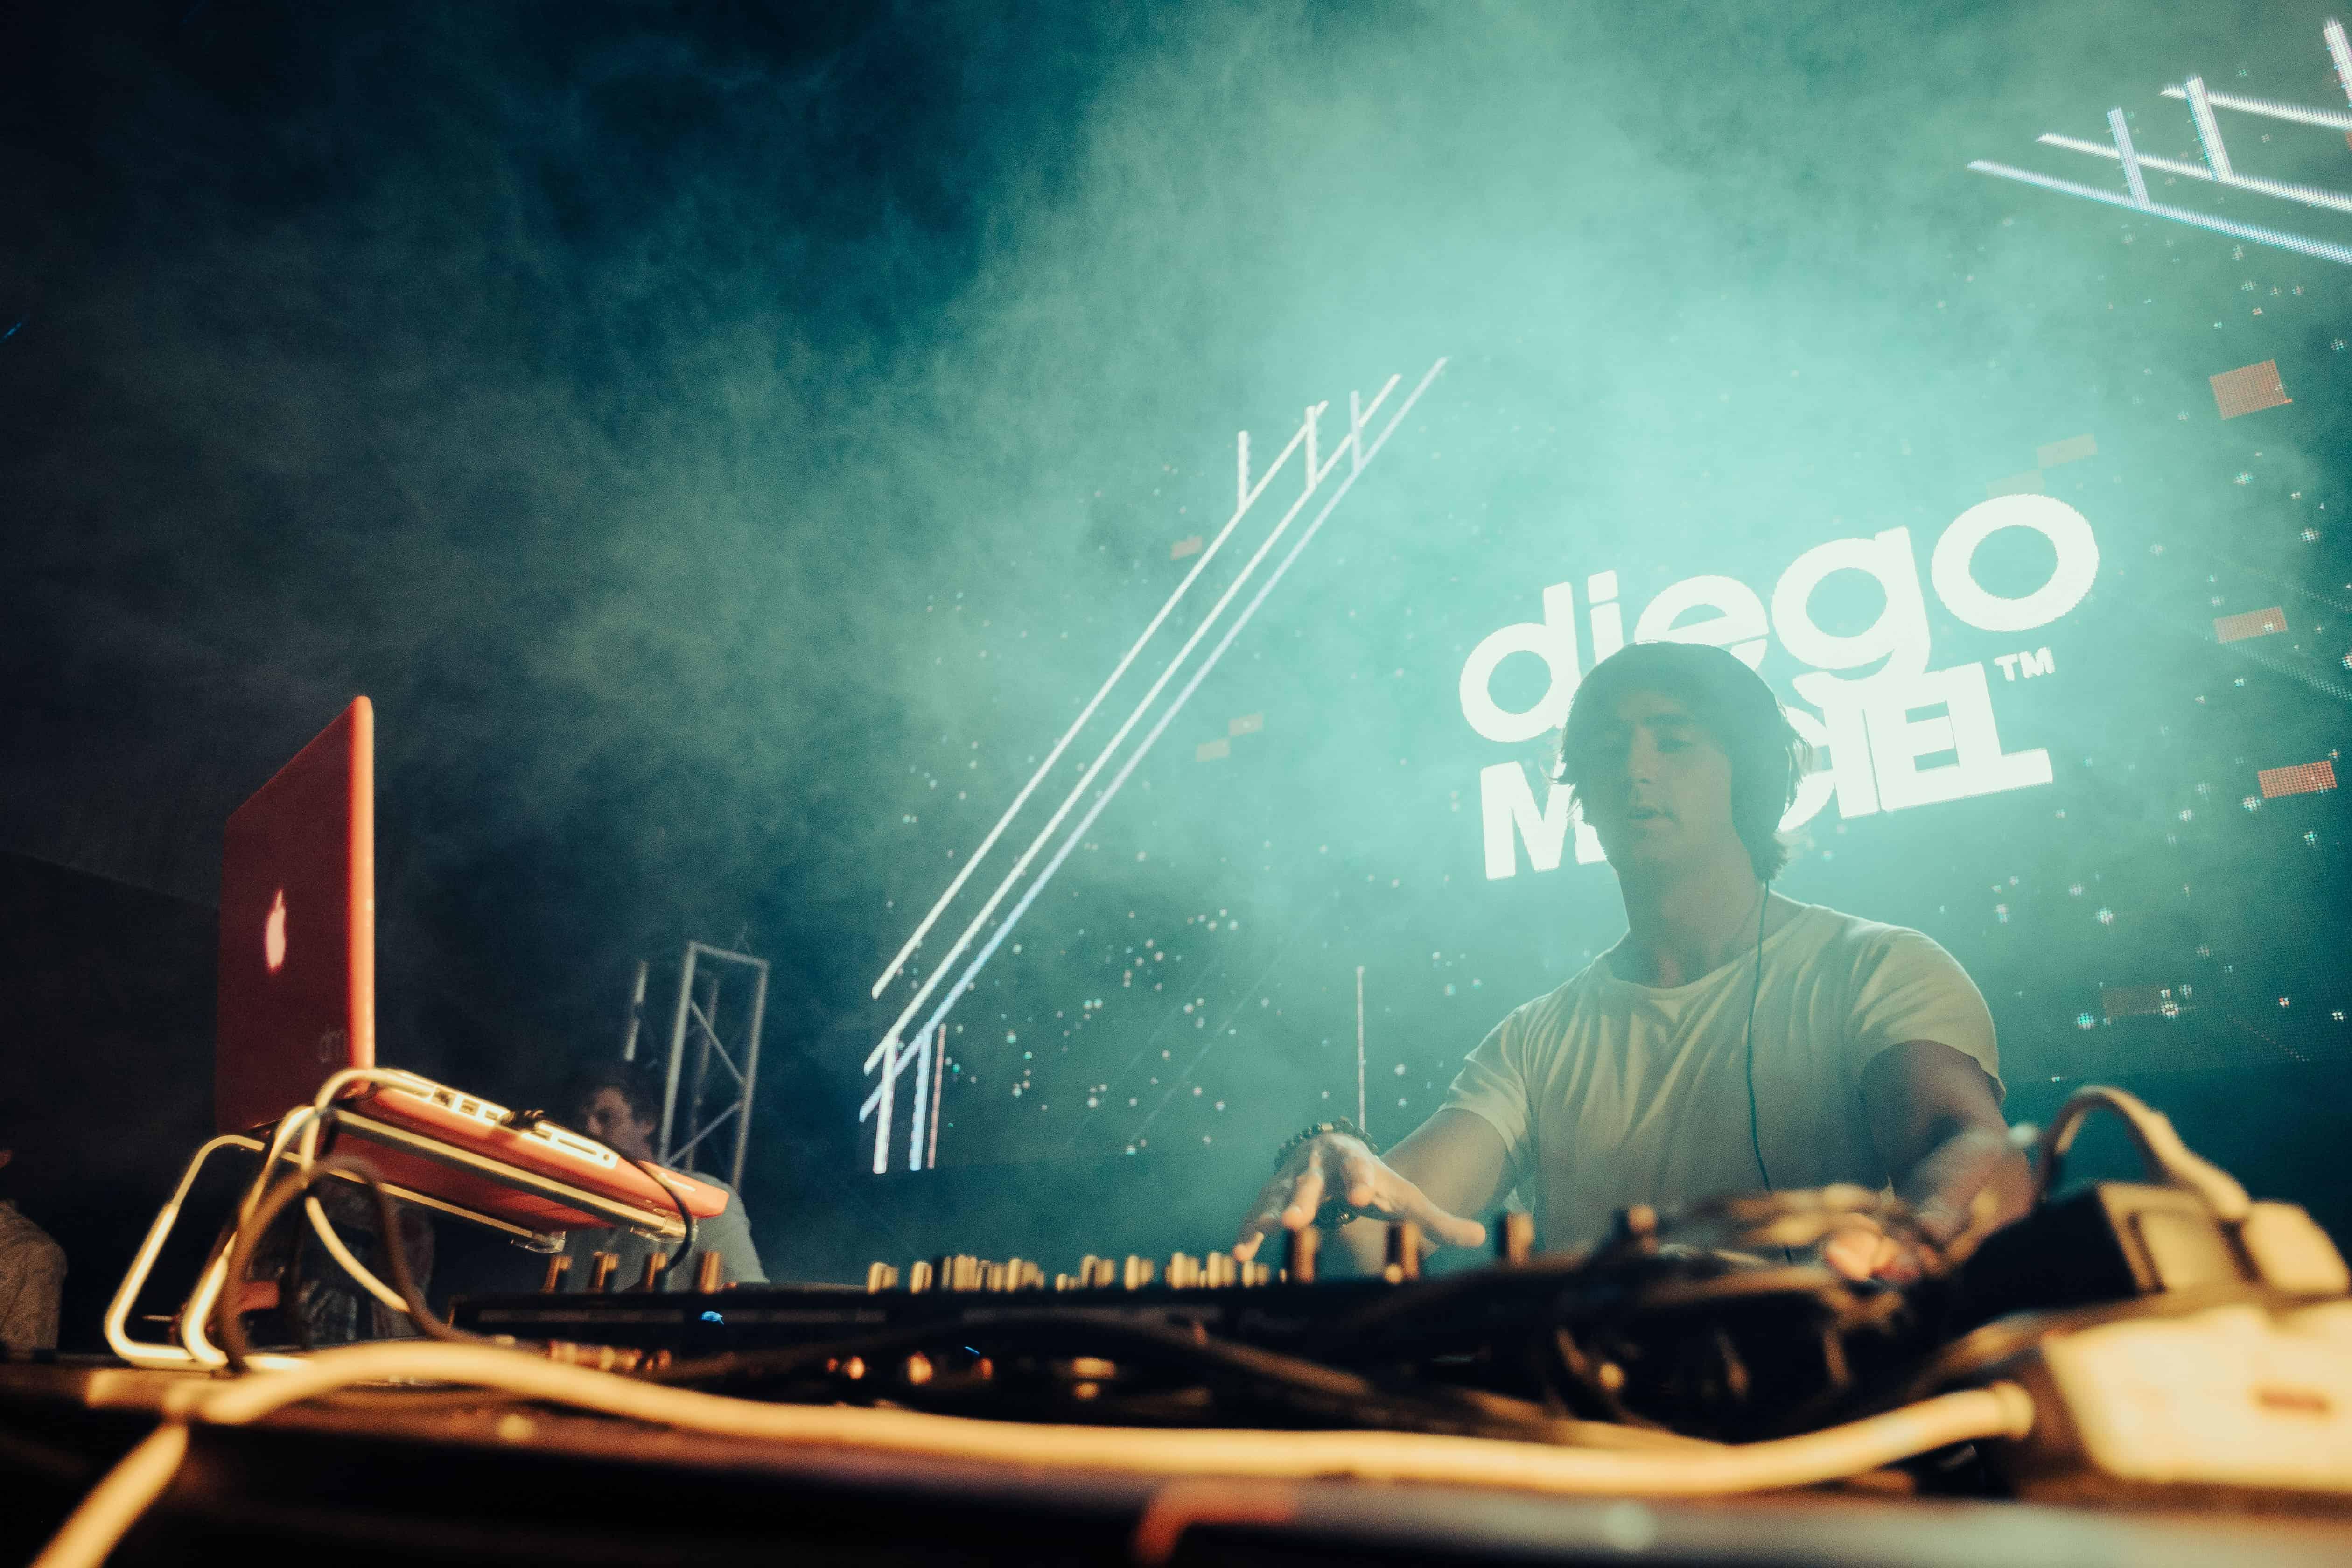 Diego Maciel